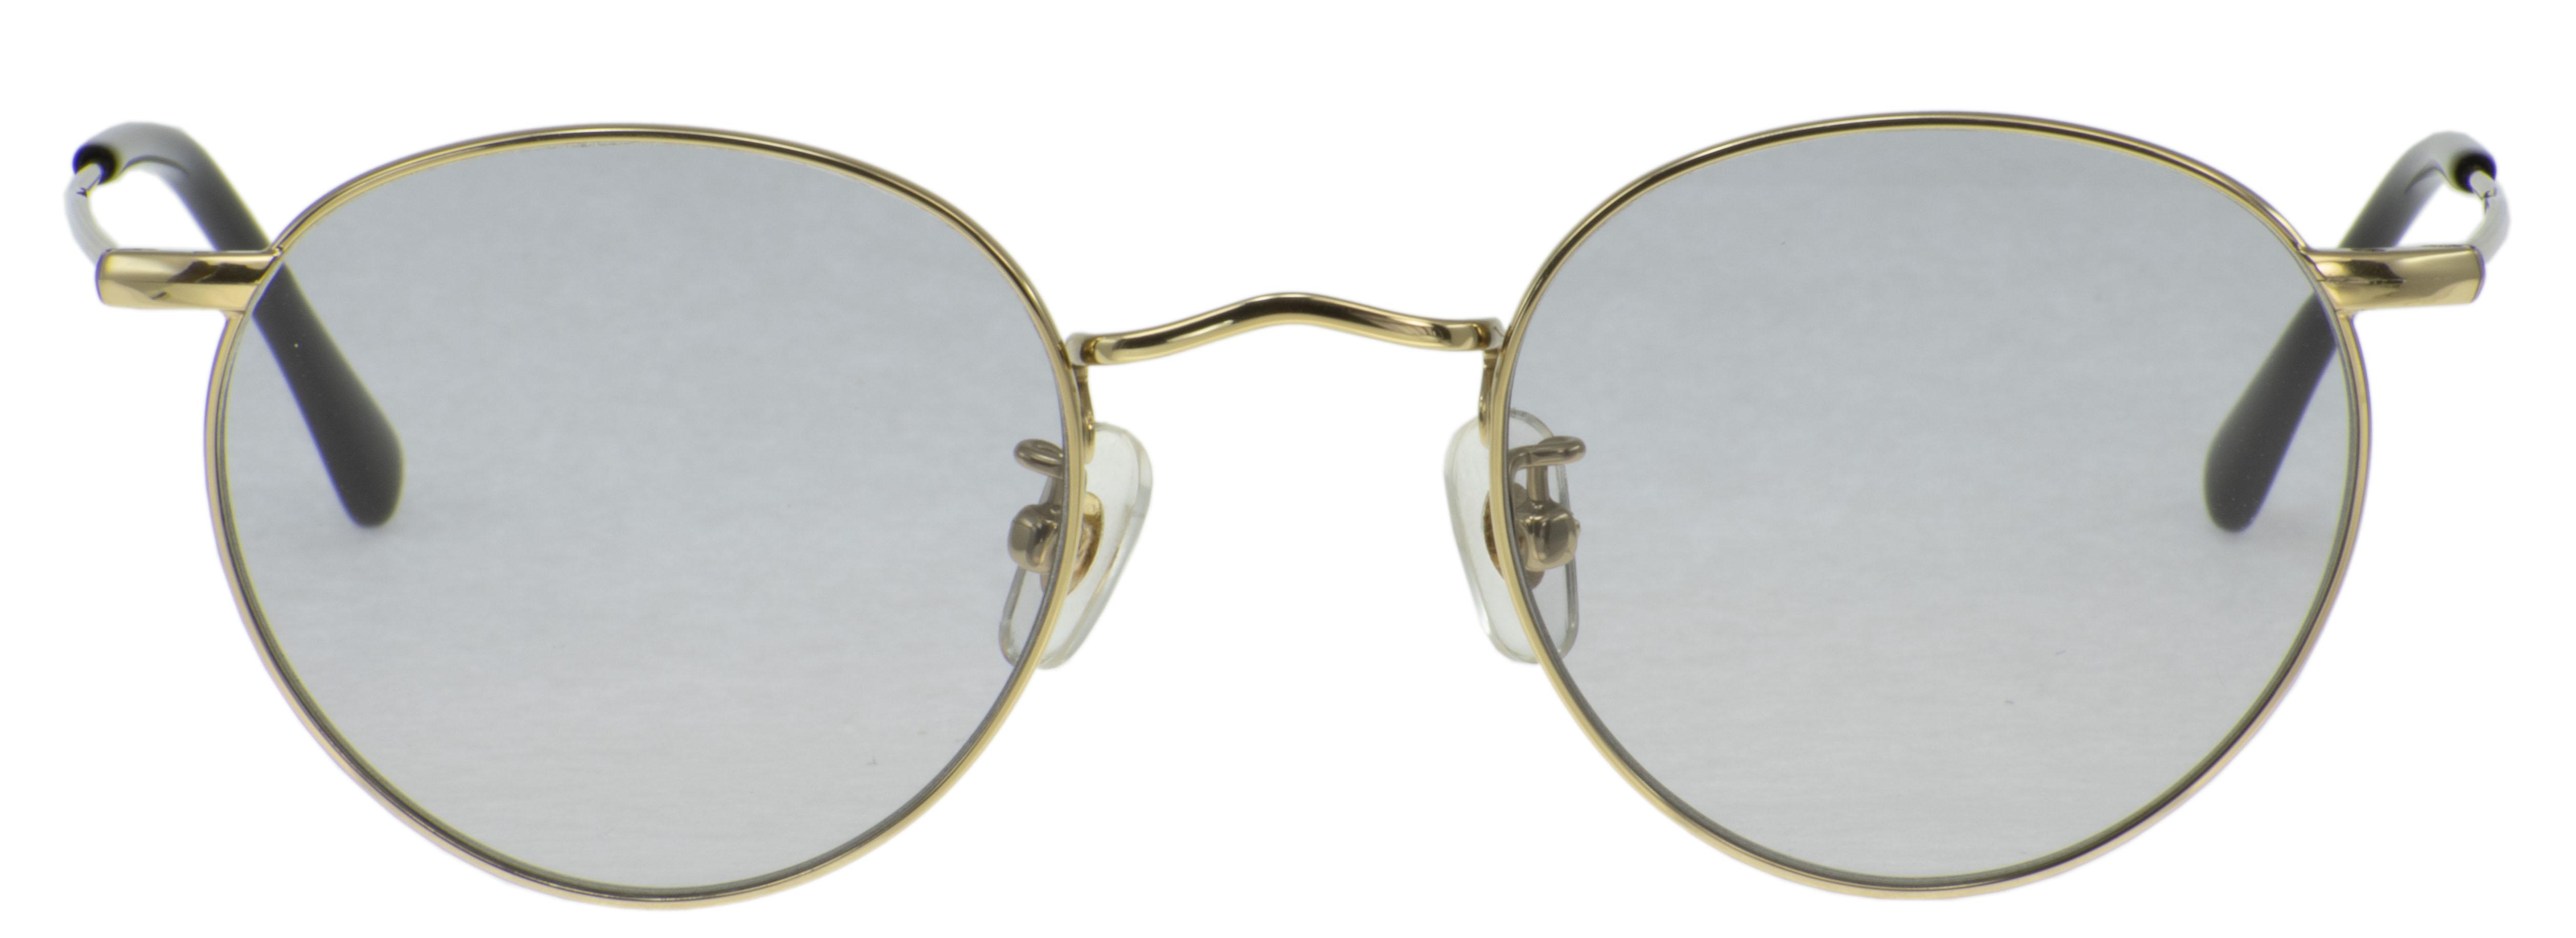 NEW HARTFORD 2 White gold¥13,000 01